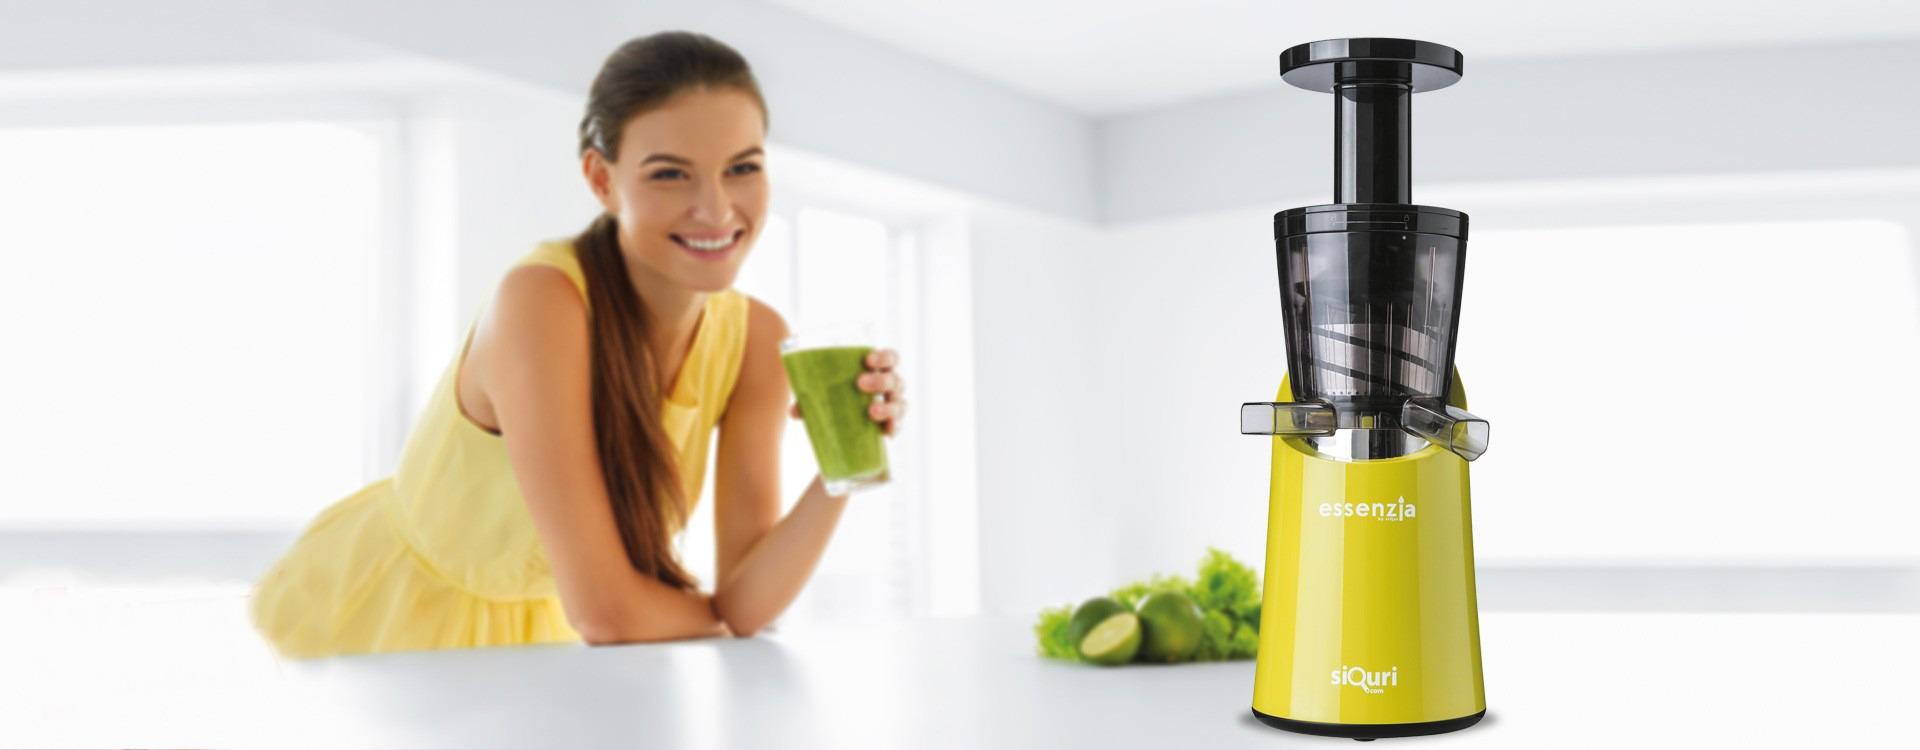 succo di cetriolo al limone e sedano per dimagrired